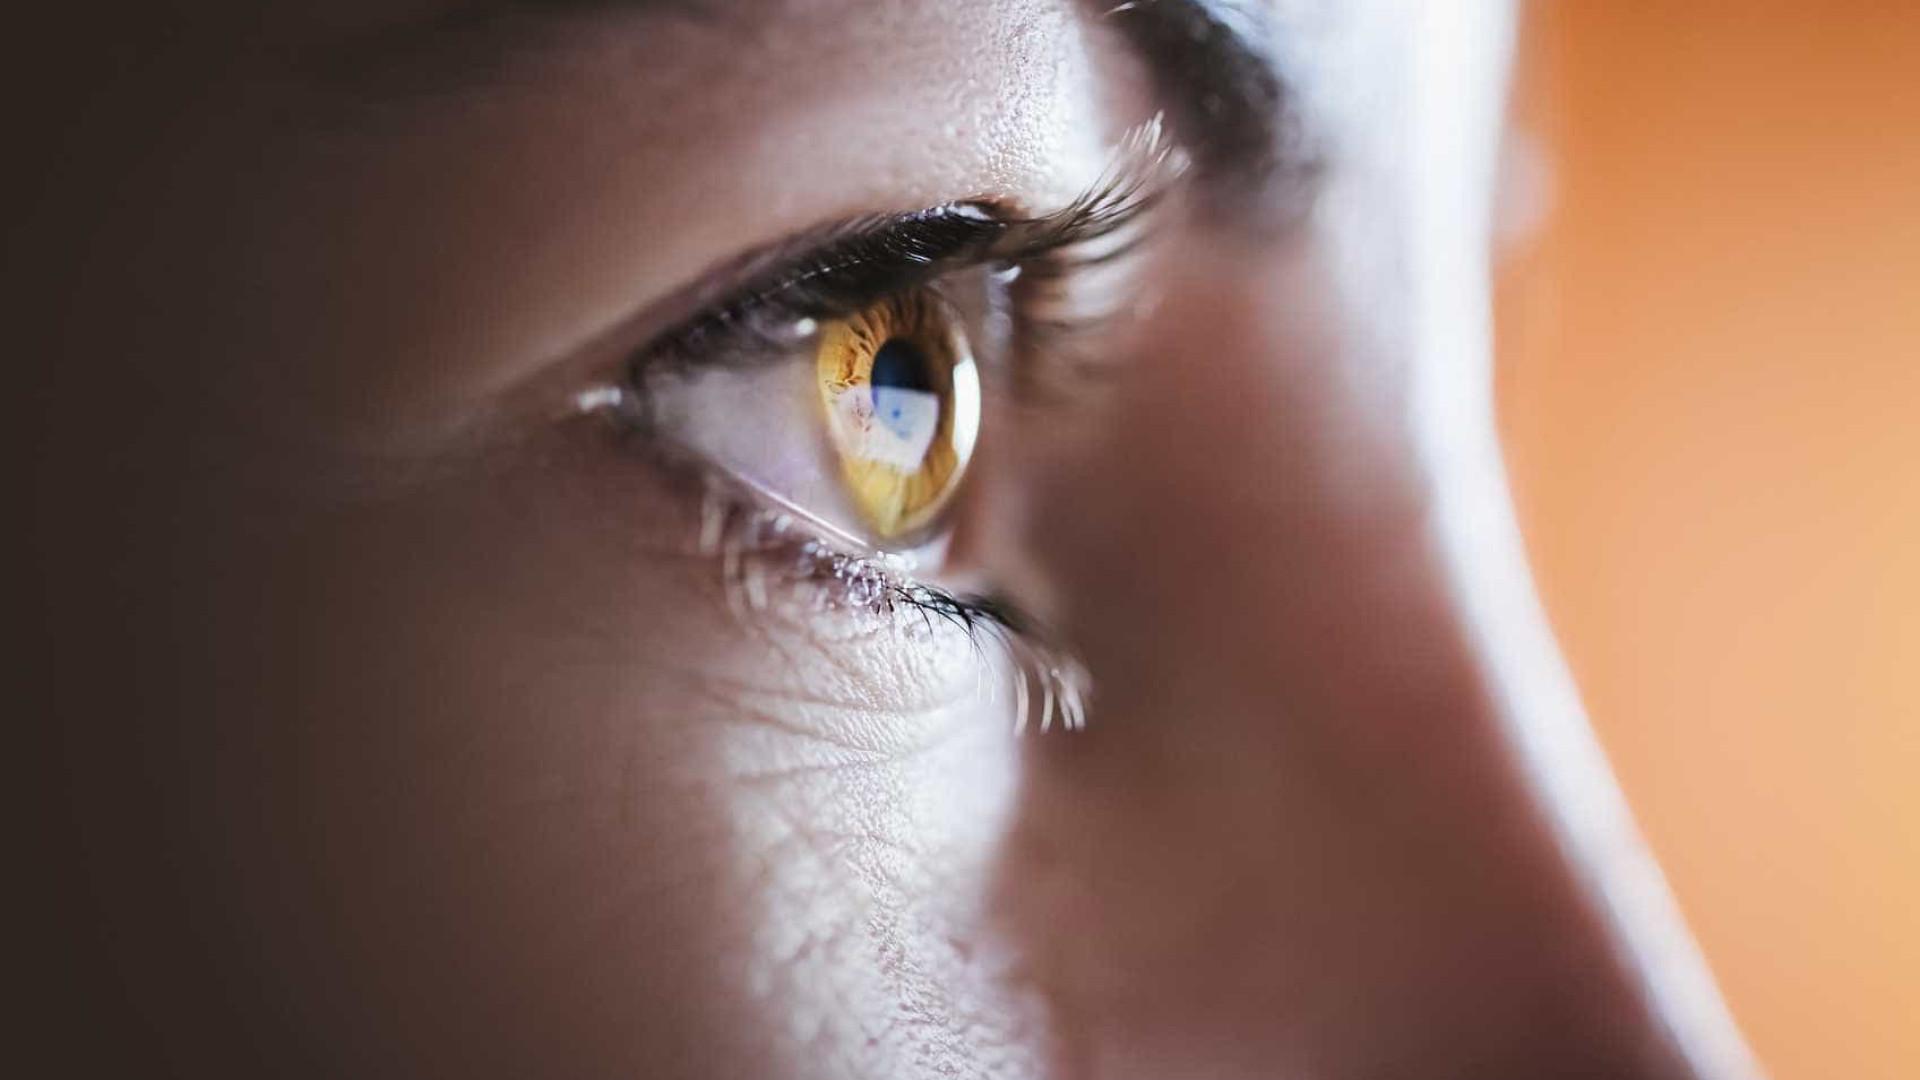 8 cuidados diários para ter olhos saudáveis